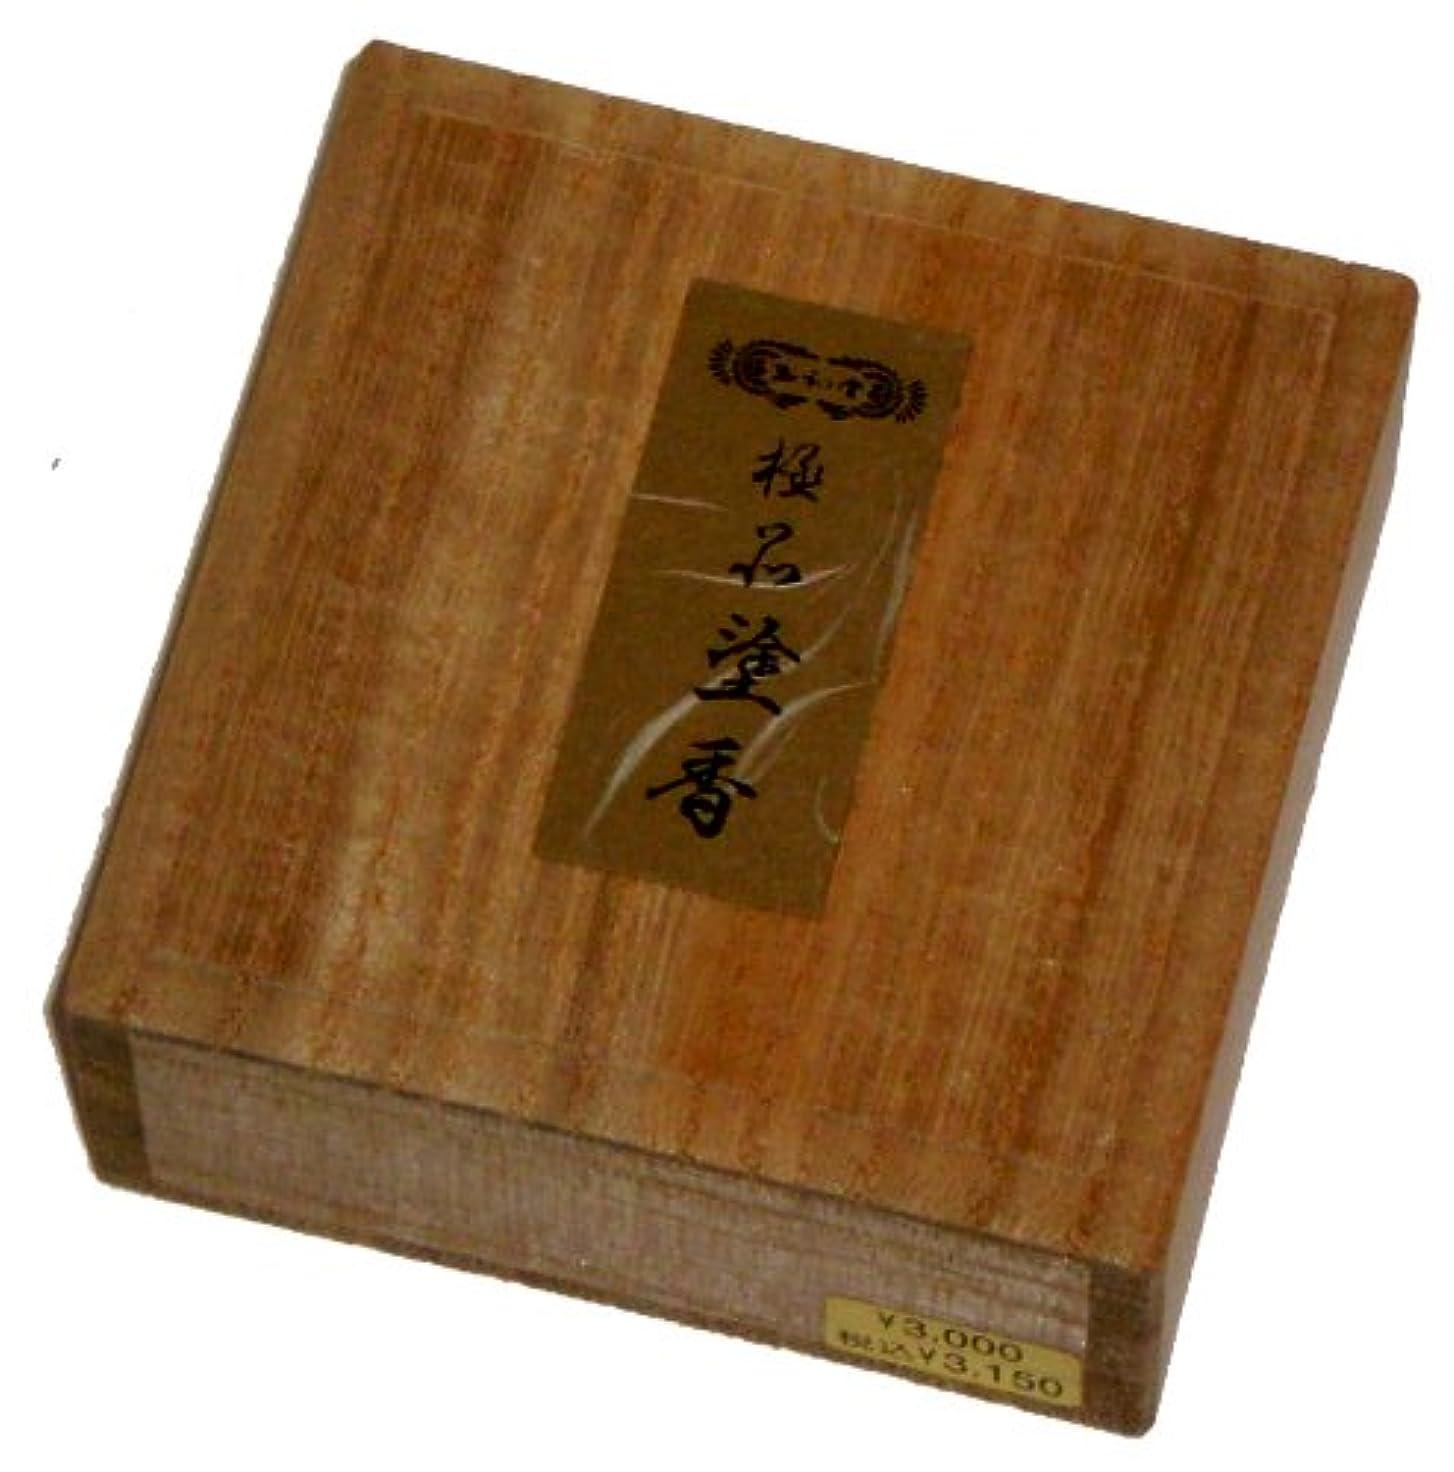 神社セグメント臨検玉初堂のお香 極品塗香 15g 桐箱 #835